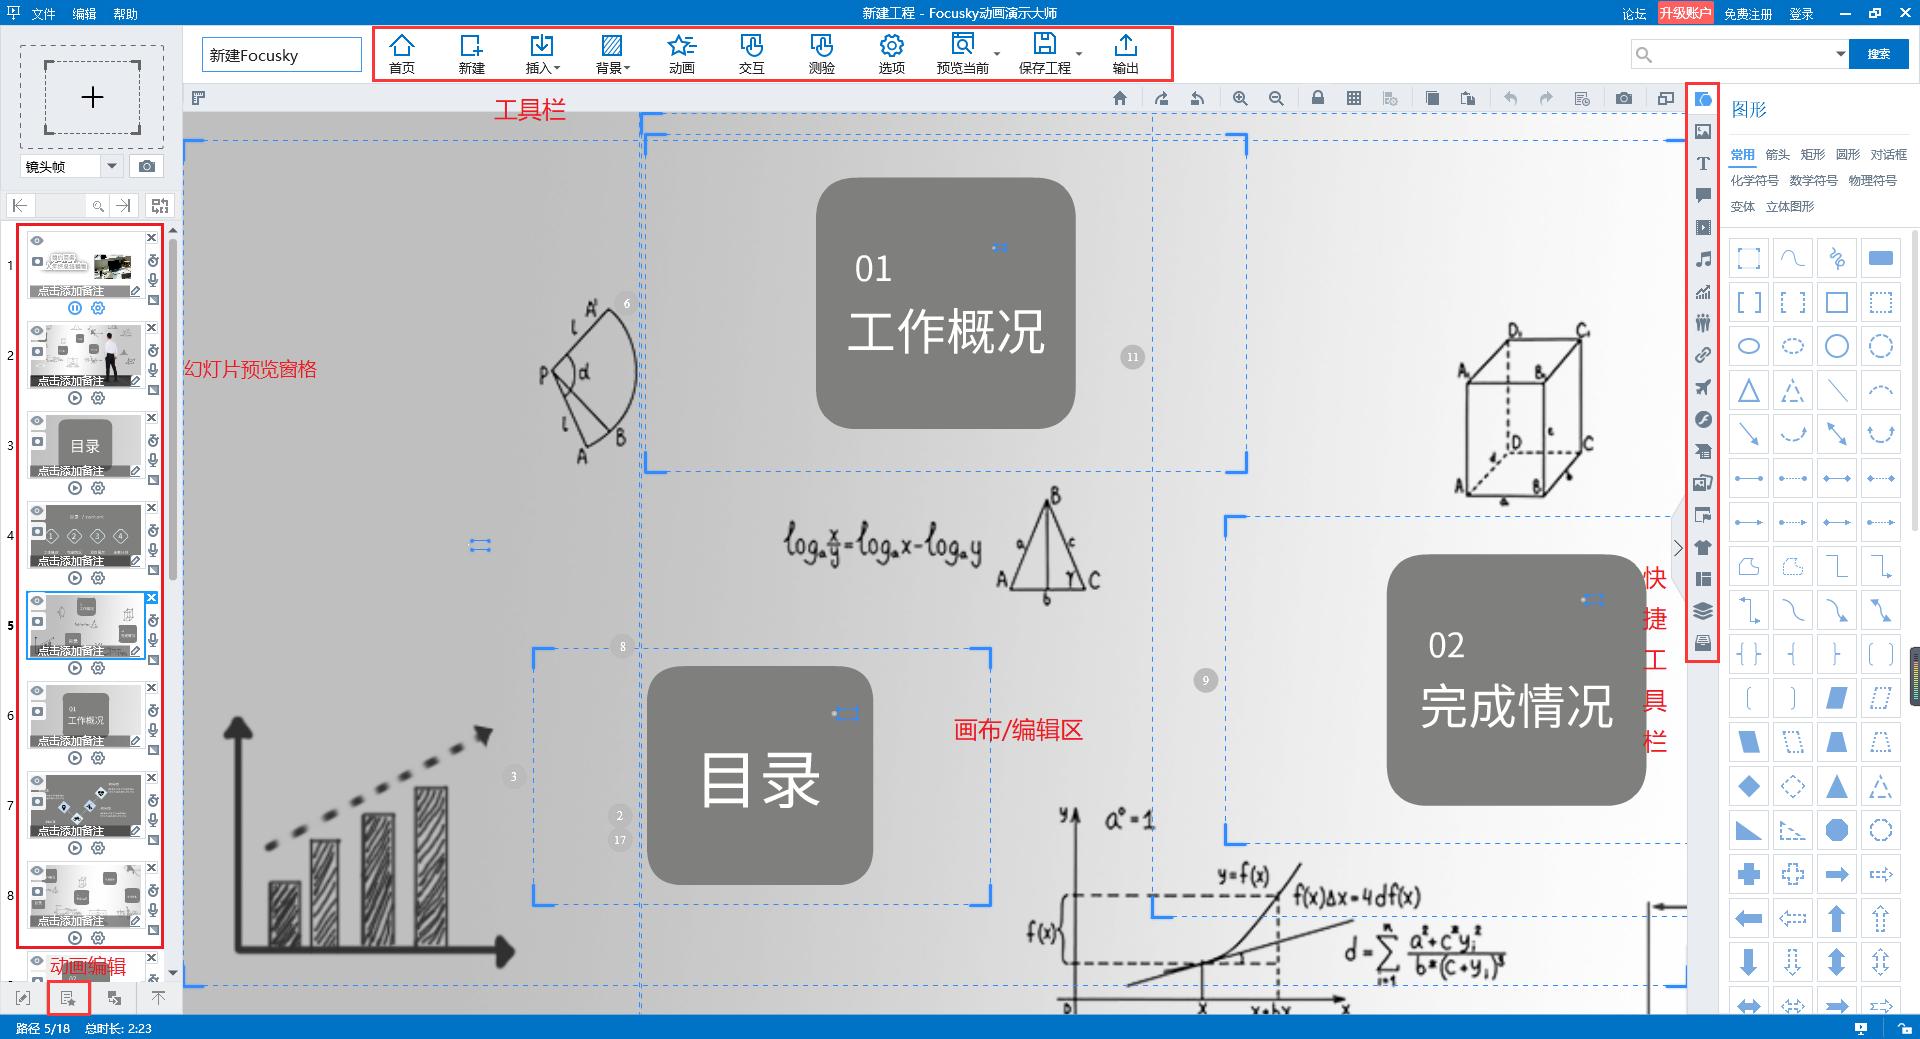 实用干货 | 一个交互性很强的PPT制作软件,让你更灵活展示PPT!